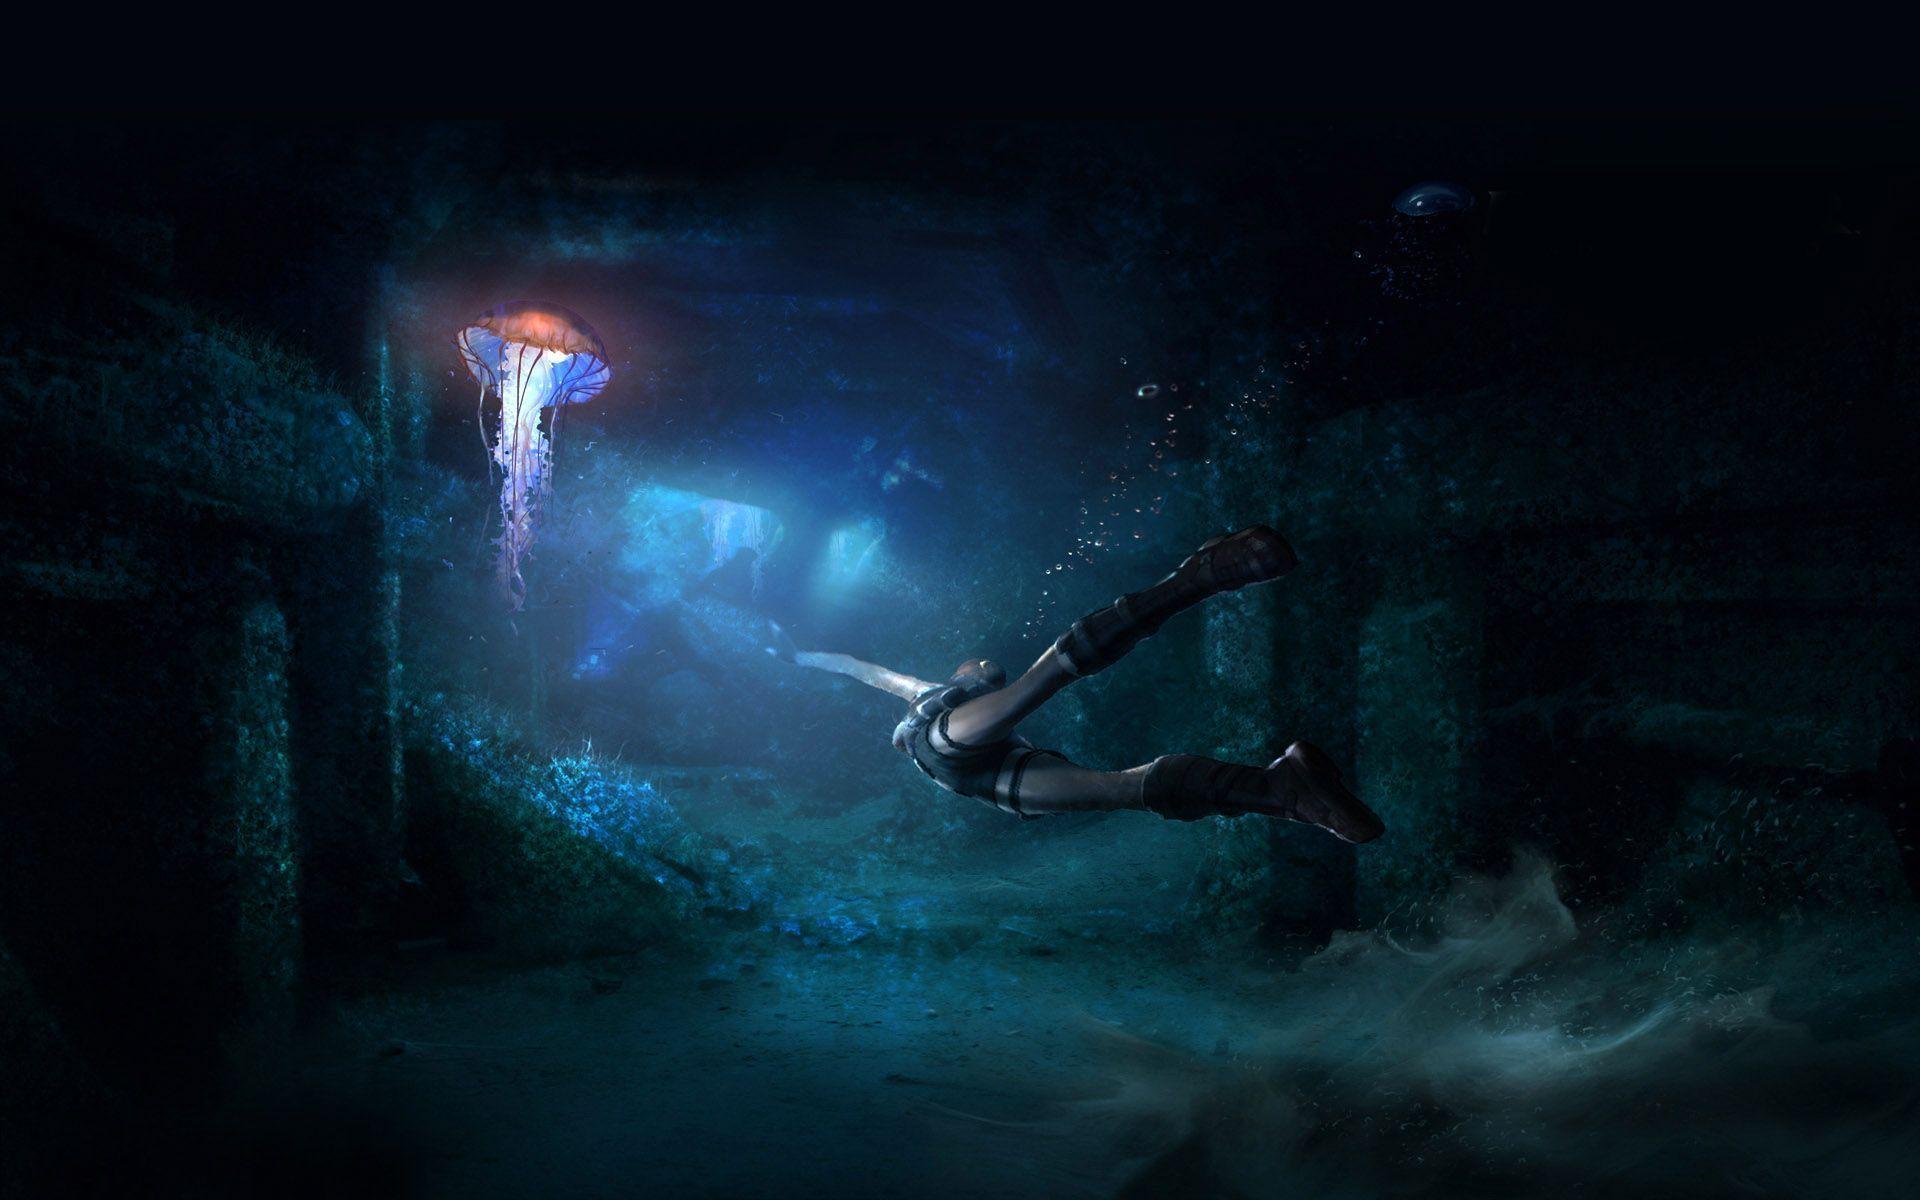 Underwater Desktop Backgrounds - Wallpaper Cave